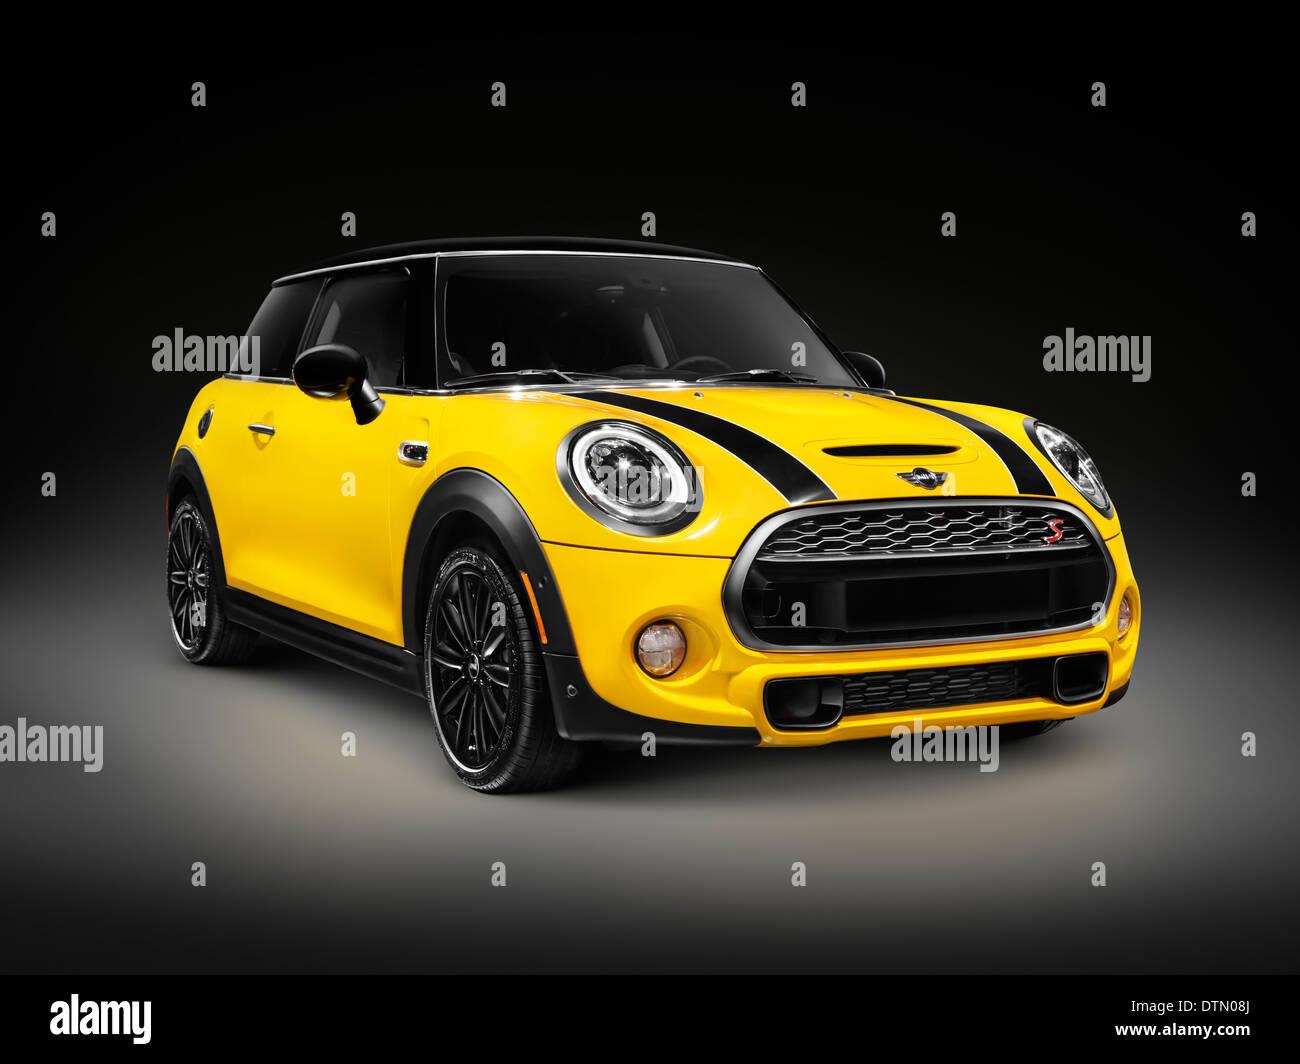 Amarillo 2014 Mini Cooper S, Mini Berlina bicuerpo, ciudad compacta coche aislado sobre fondo negro Imagen De Stock